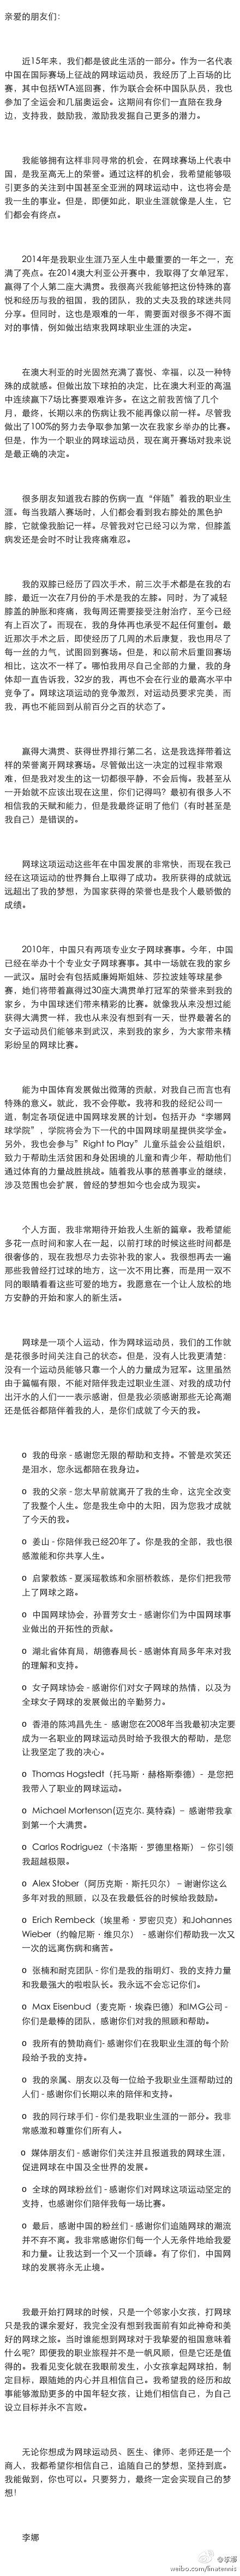 Li Na retirement announcement